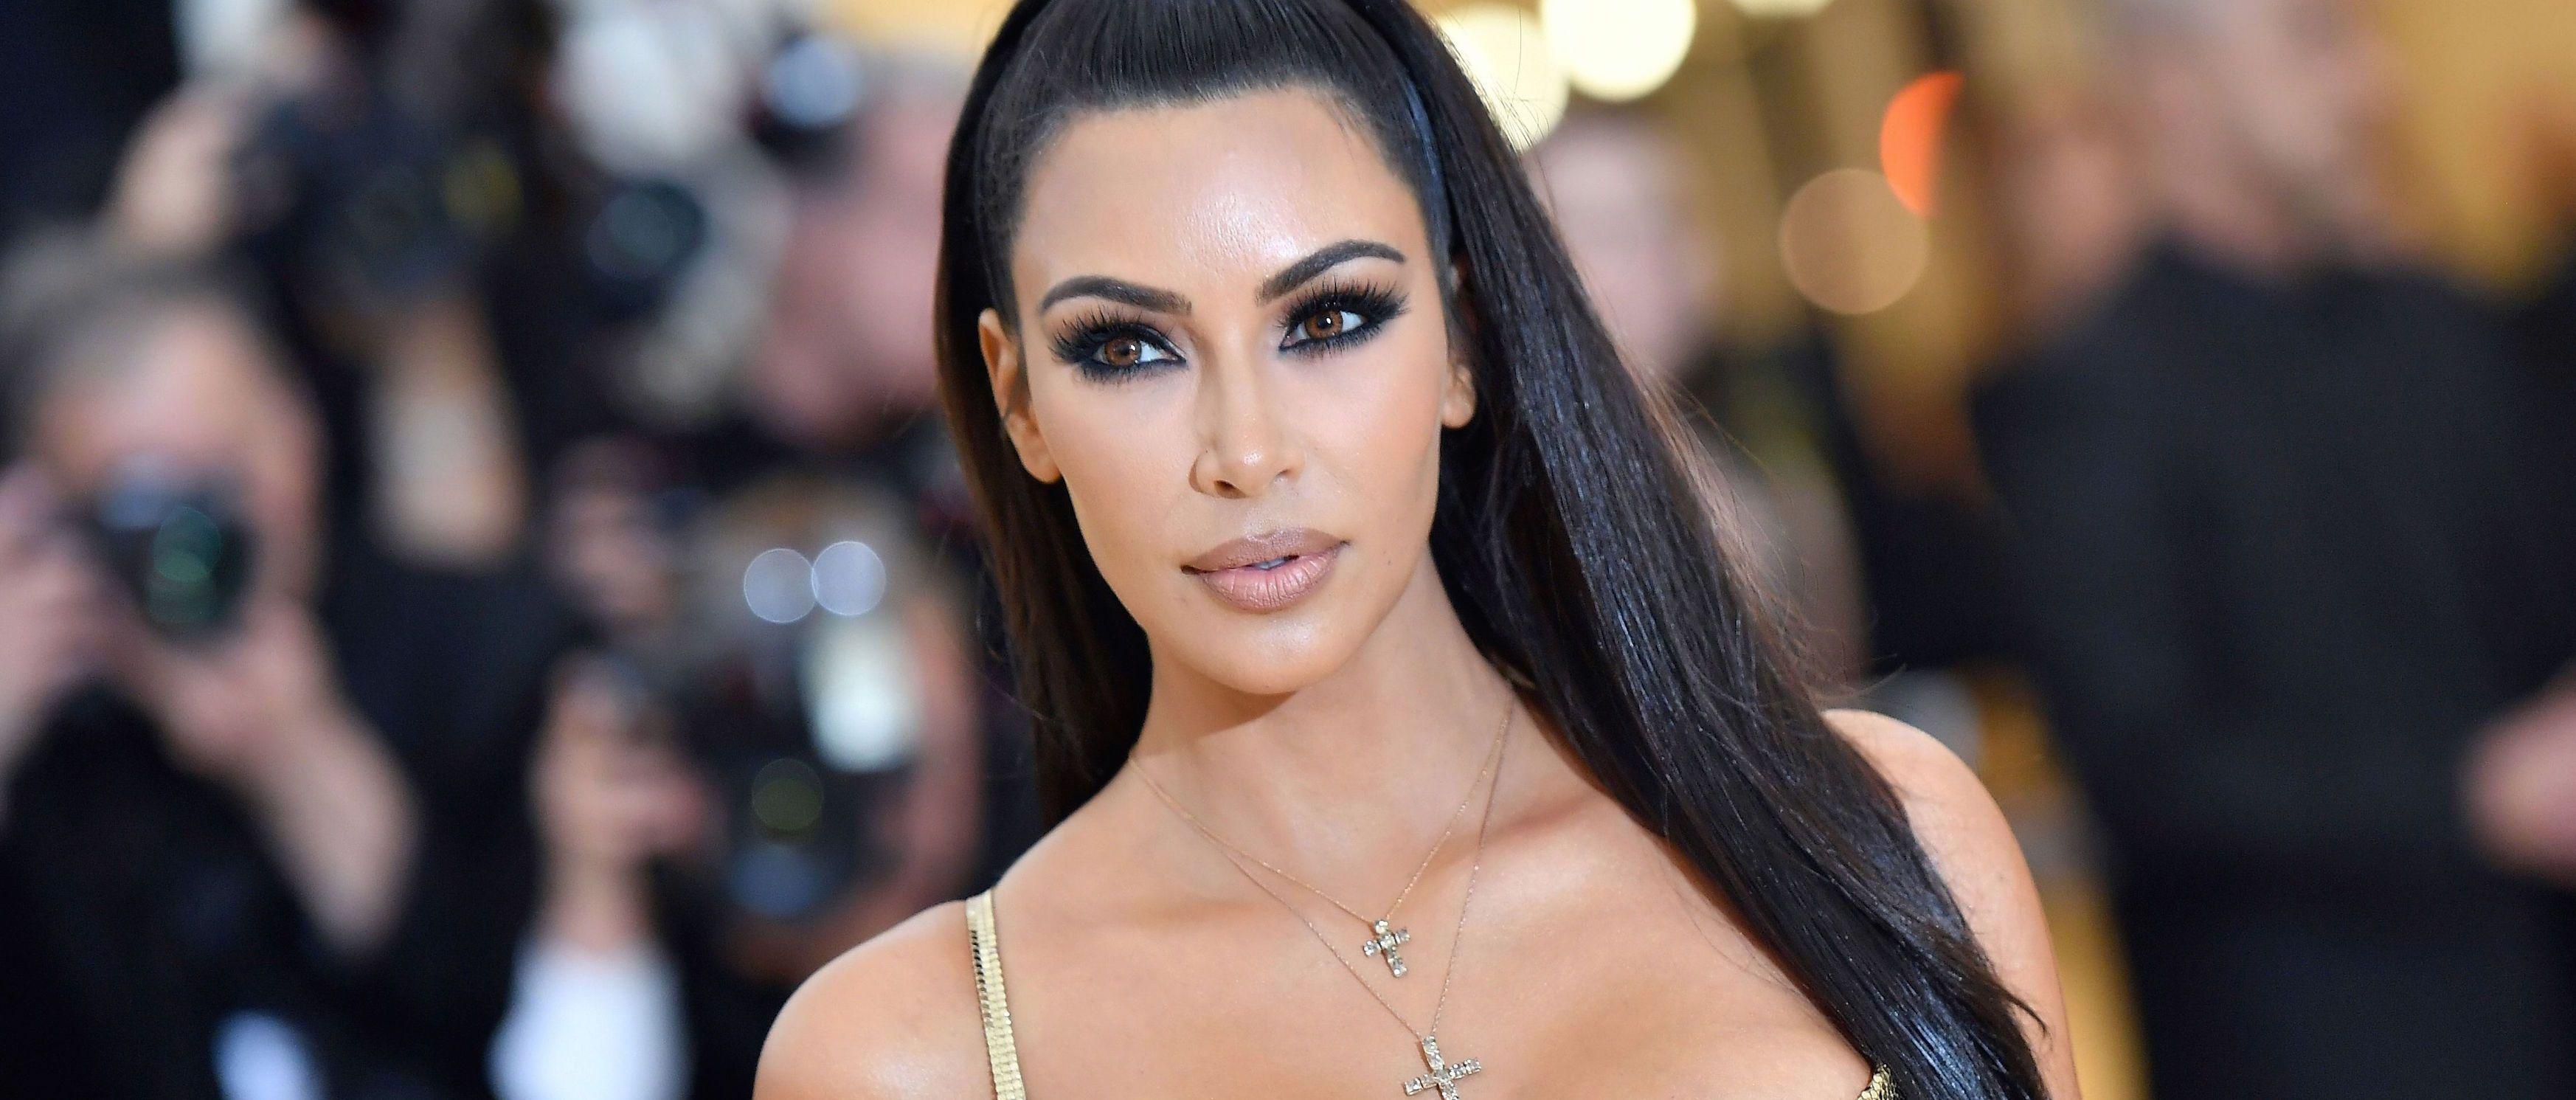 Kim Kardashian modella nuda giapponese madre figlia lesbica porno